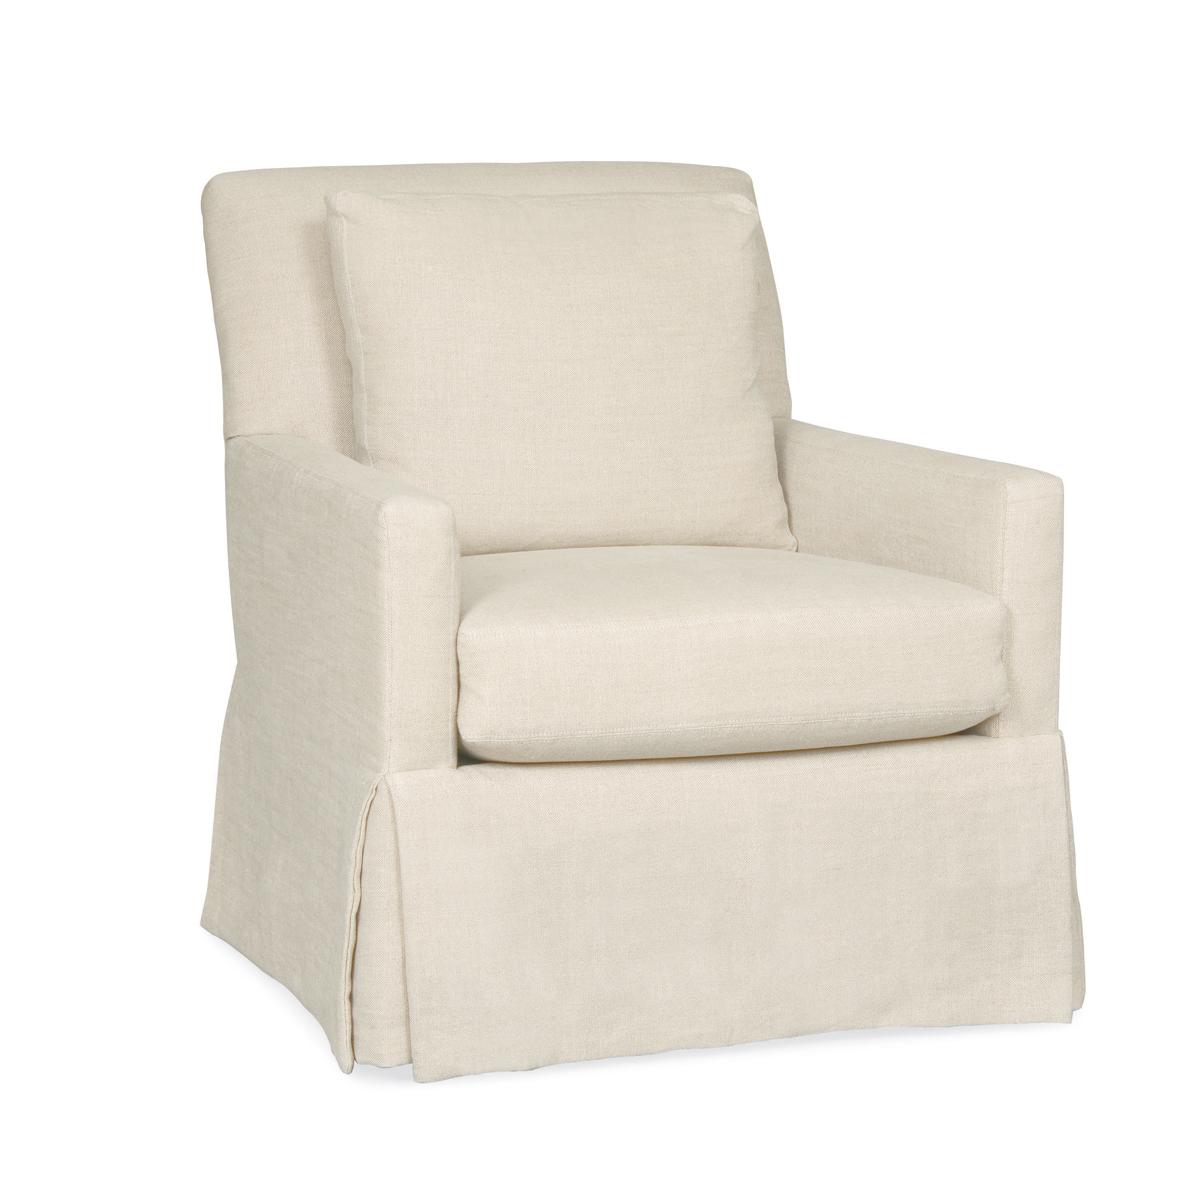 3907_Slipcovered_Chair_Lee_Industries.jpg